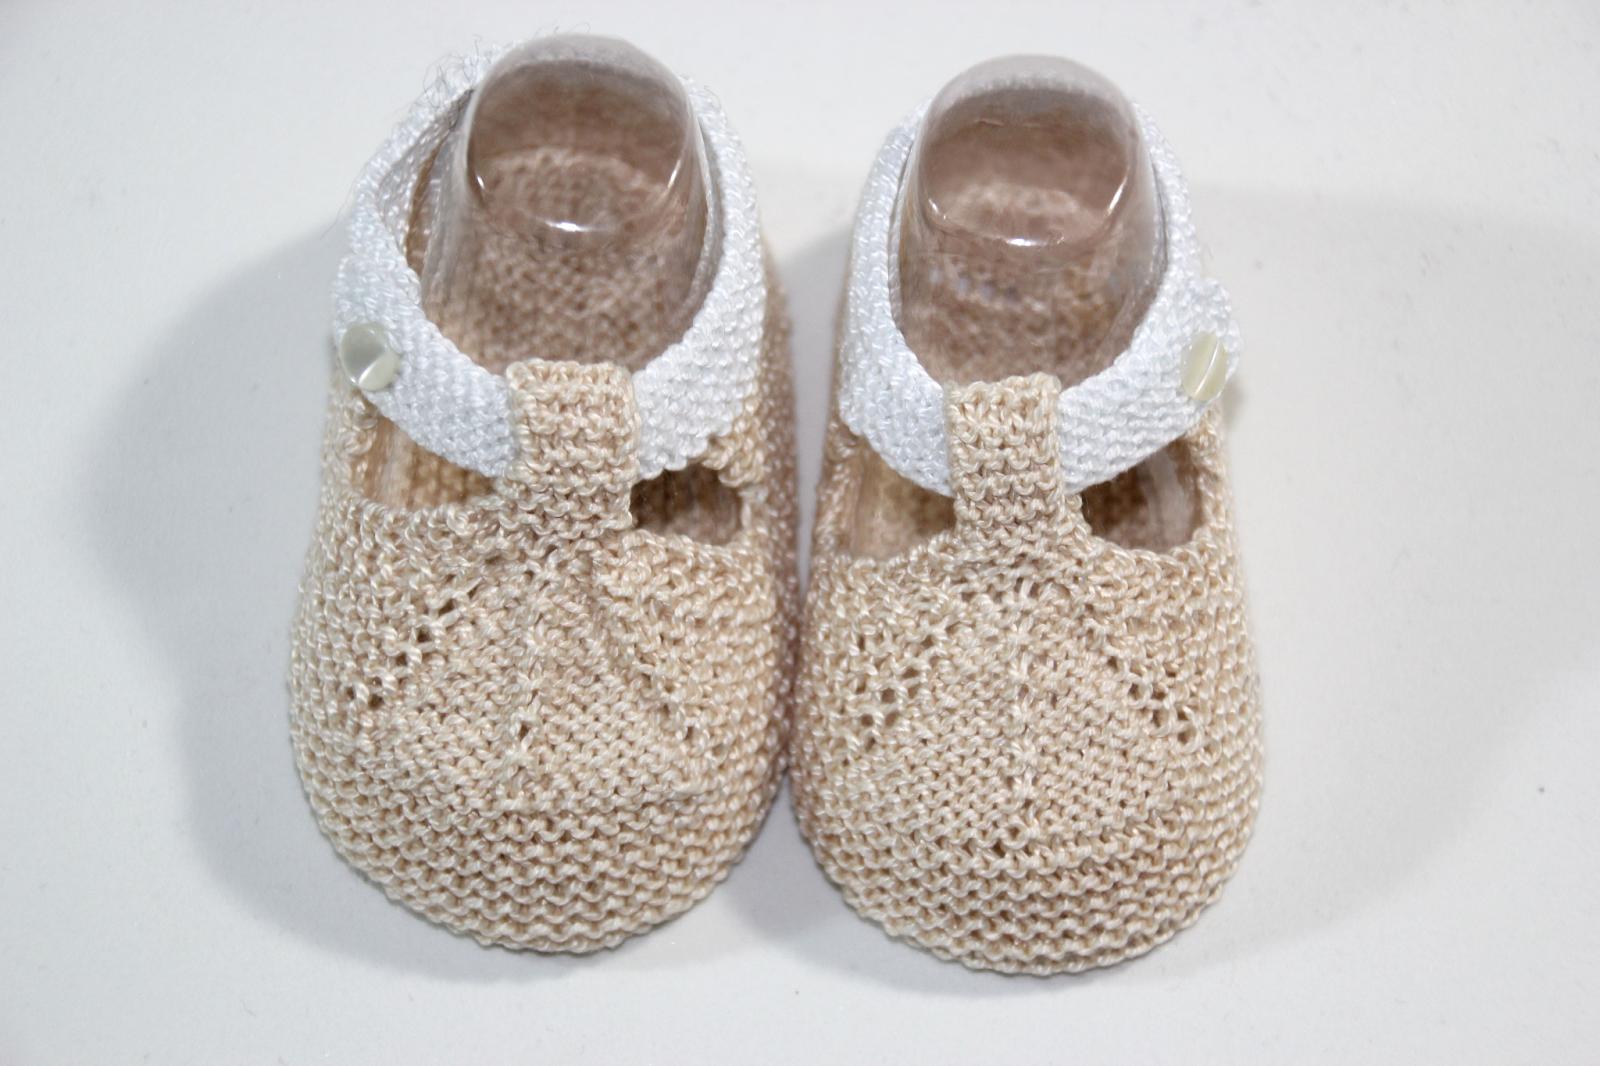 6 patrones gratis de patucos de bebe diy | Bebe | Pinterest | Patrón ...